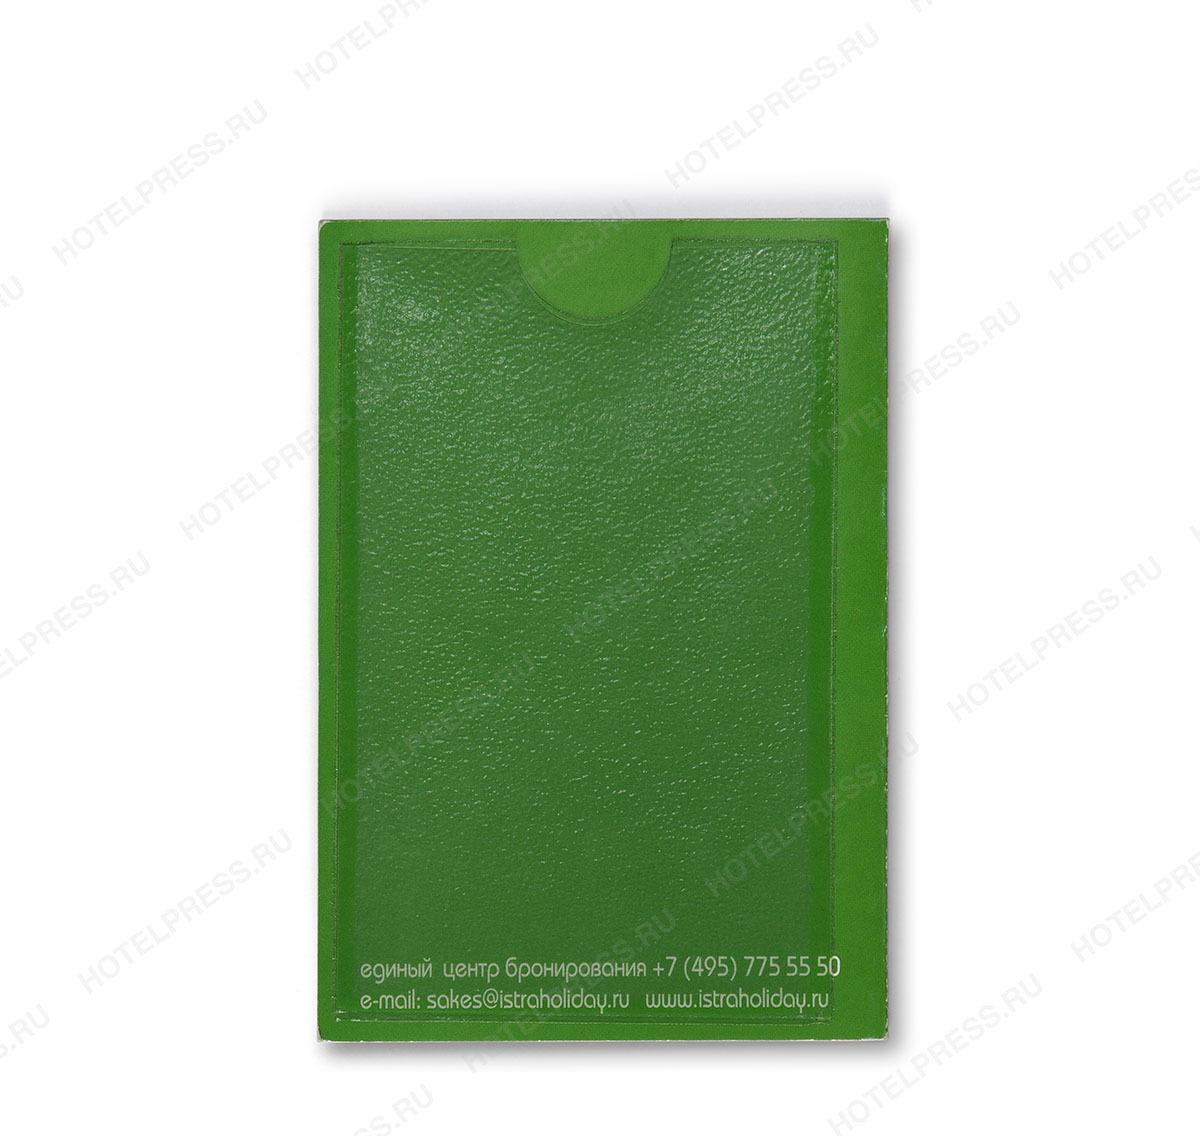 Картхолдер для отеля с пластиковым карманом для карты (кейхолдер)